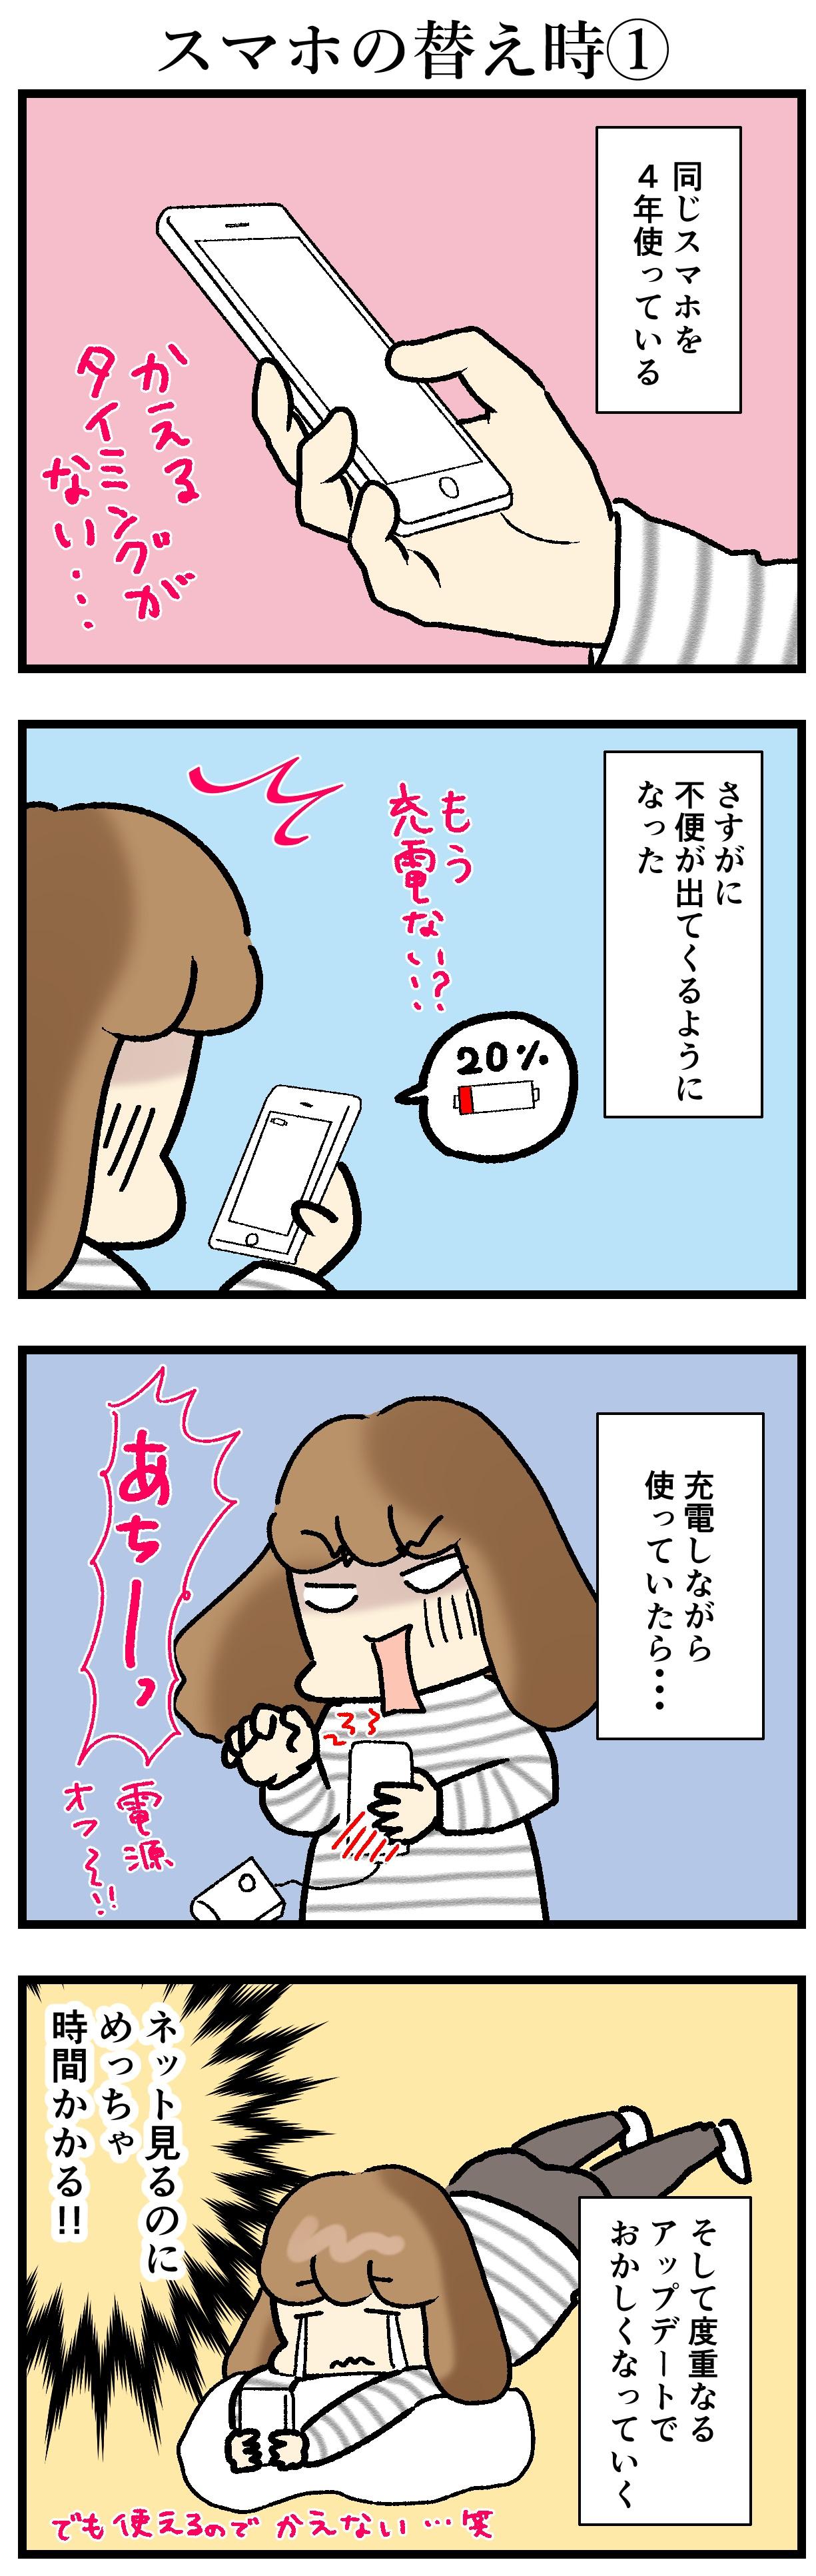 【エッセイ漫画】アラサー主婦くま子のふがいない日常(105)